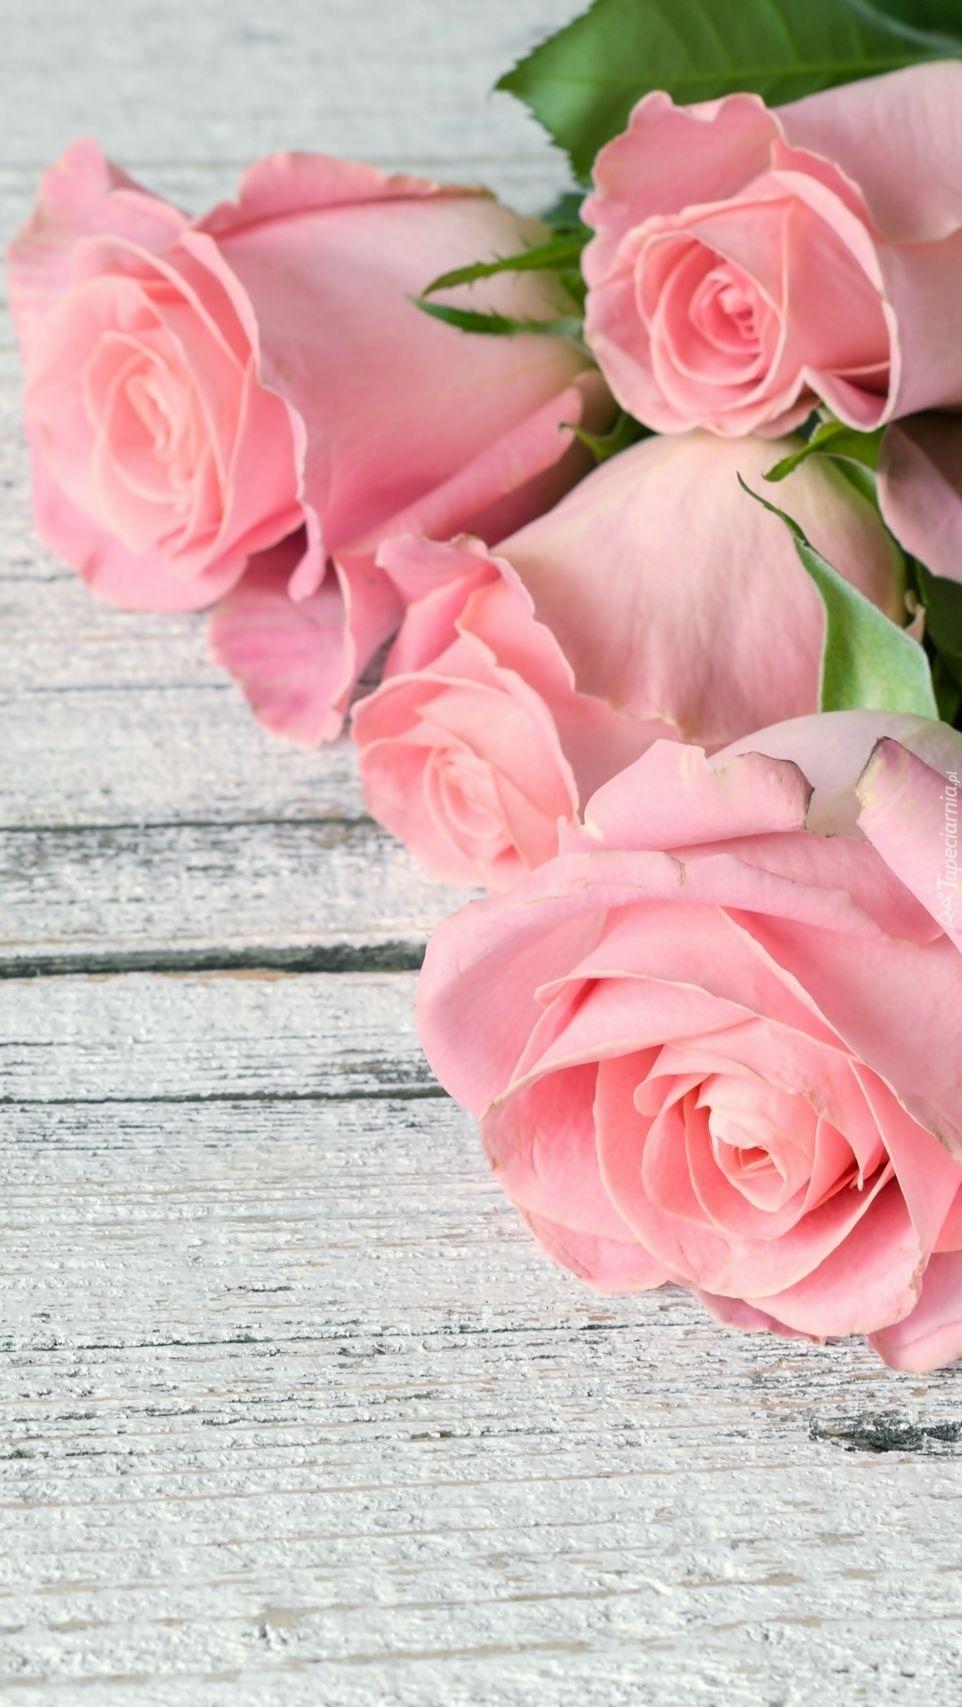 Rozowe Roze Na Deskach Tapeta Na Telefon Flower Iphone Wallpaper Beautiful Flowers Wallpapers Pink Flowers Wallpaper